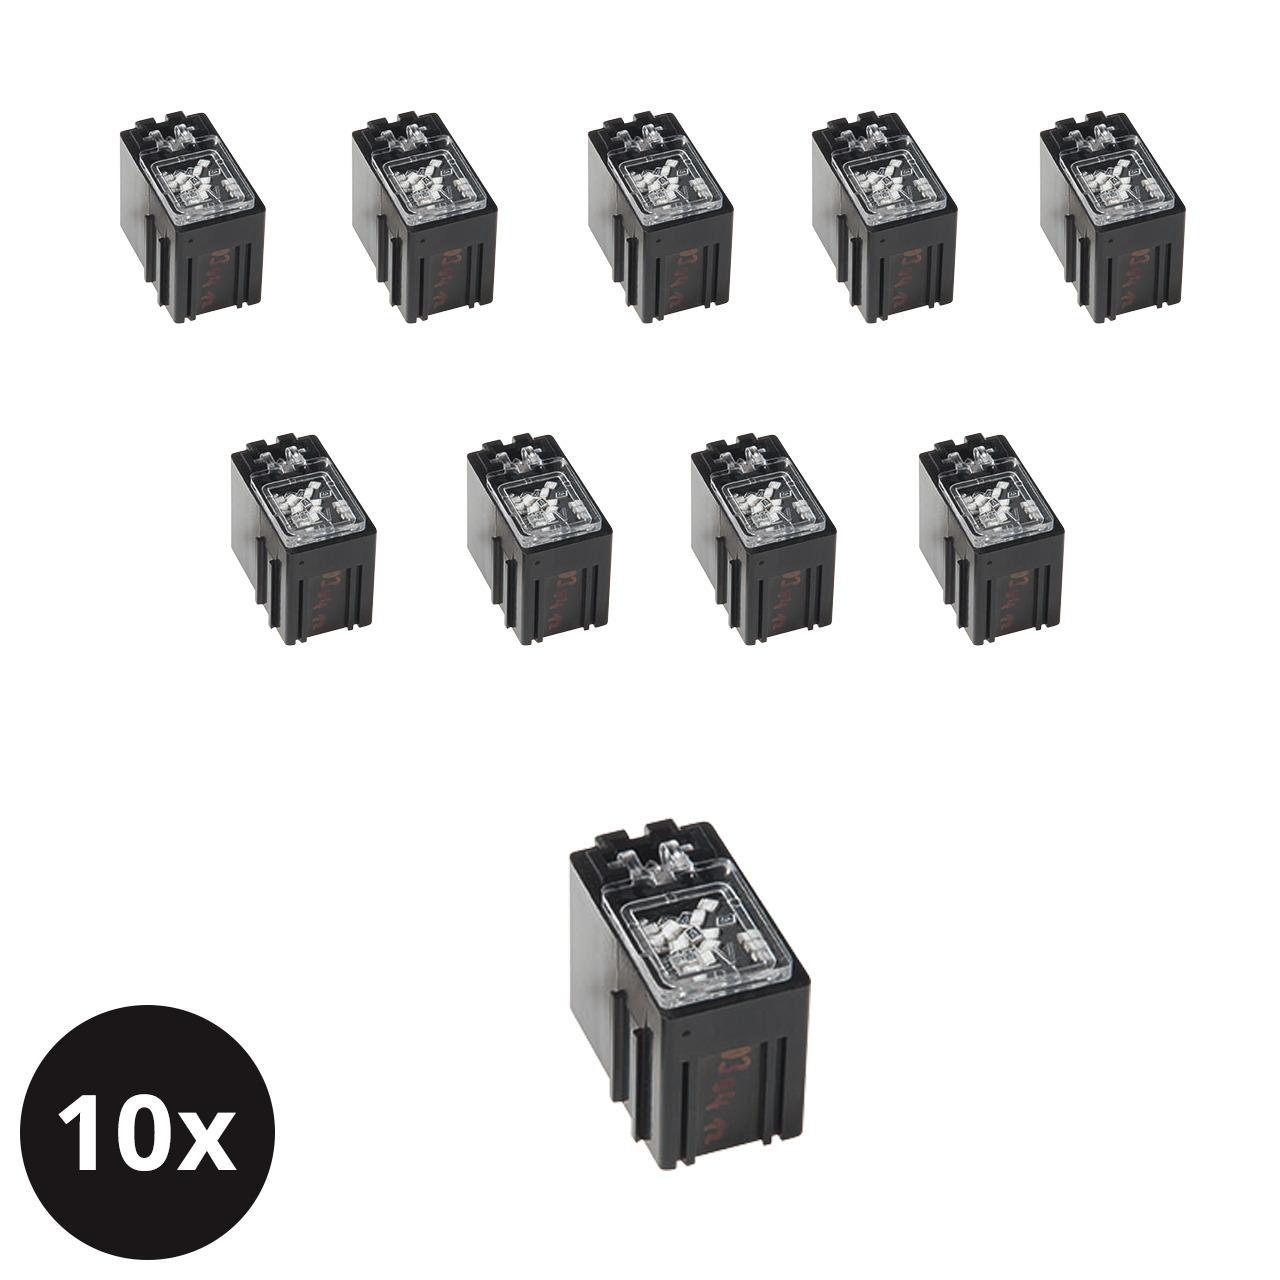 Image of 10er-Set ELV SMD-Sortierbox, Antistatik, 23 x 15,5 x 27 mm